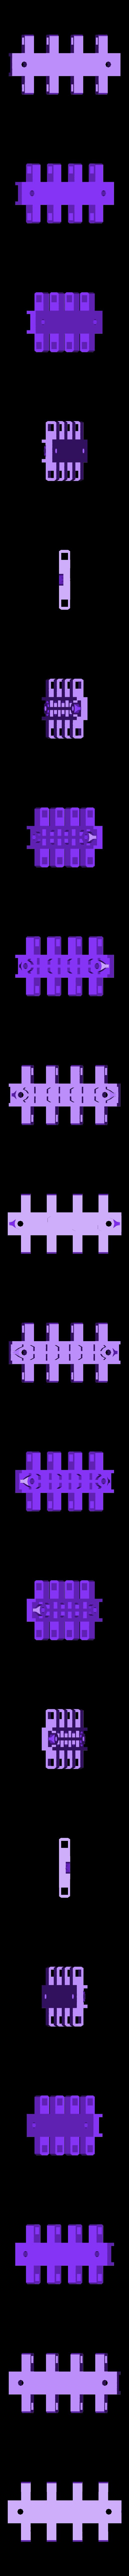 T-34-76 - track_1_WIDE.stl Télécharger fichier STL T-34/76 pour l'assemblage, avec voies mobiles • Objet pour imprimante 3D, c47